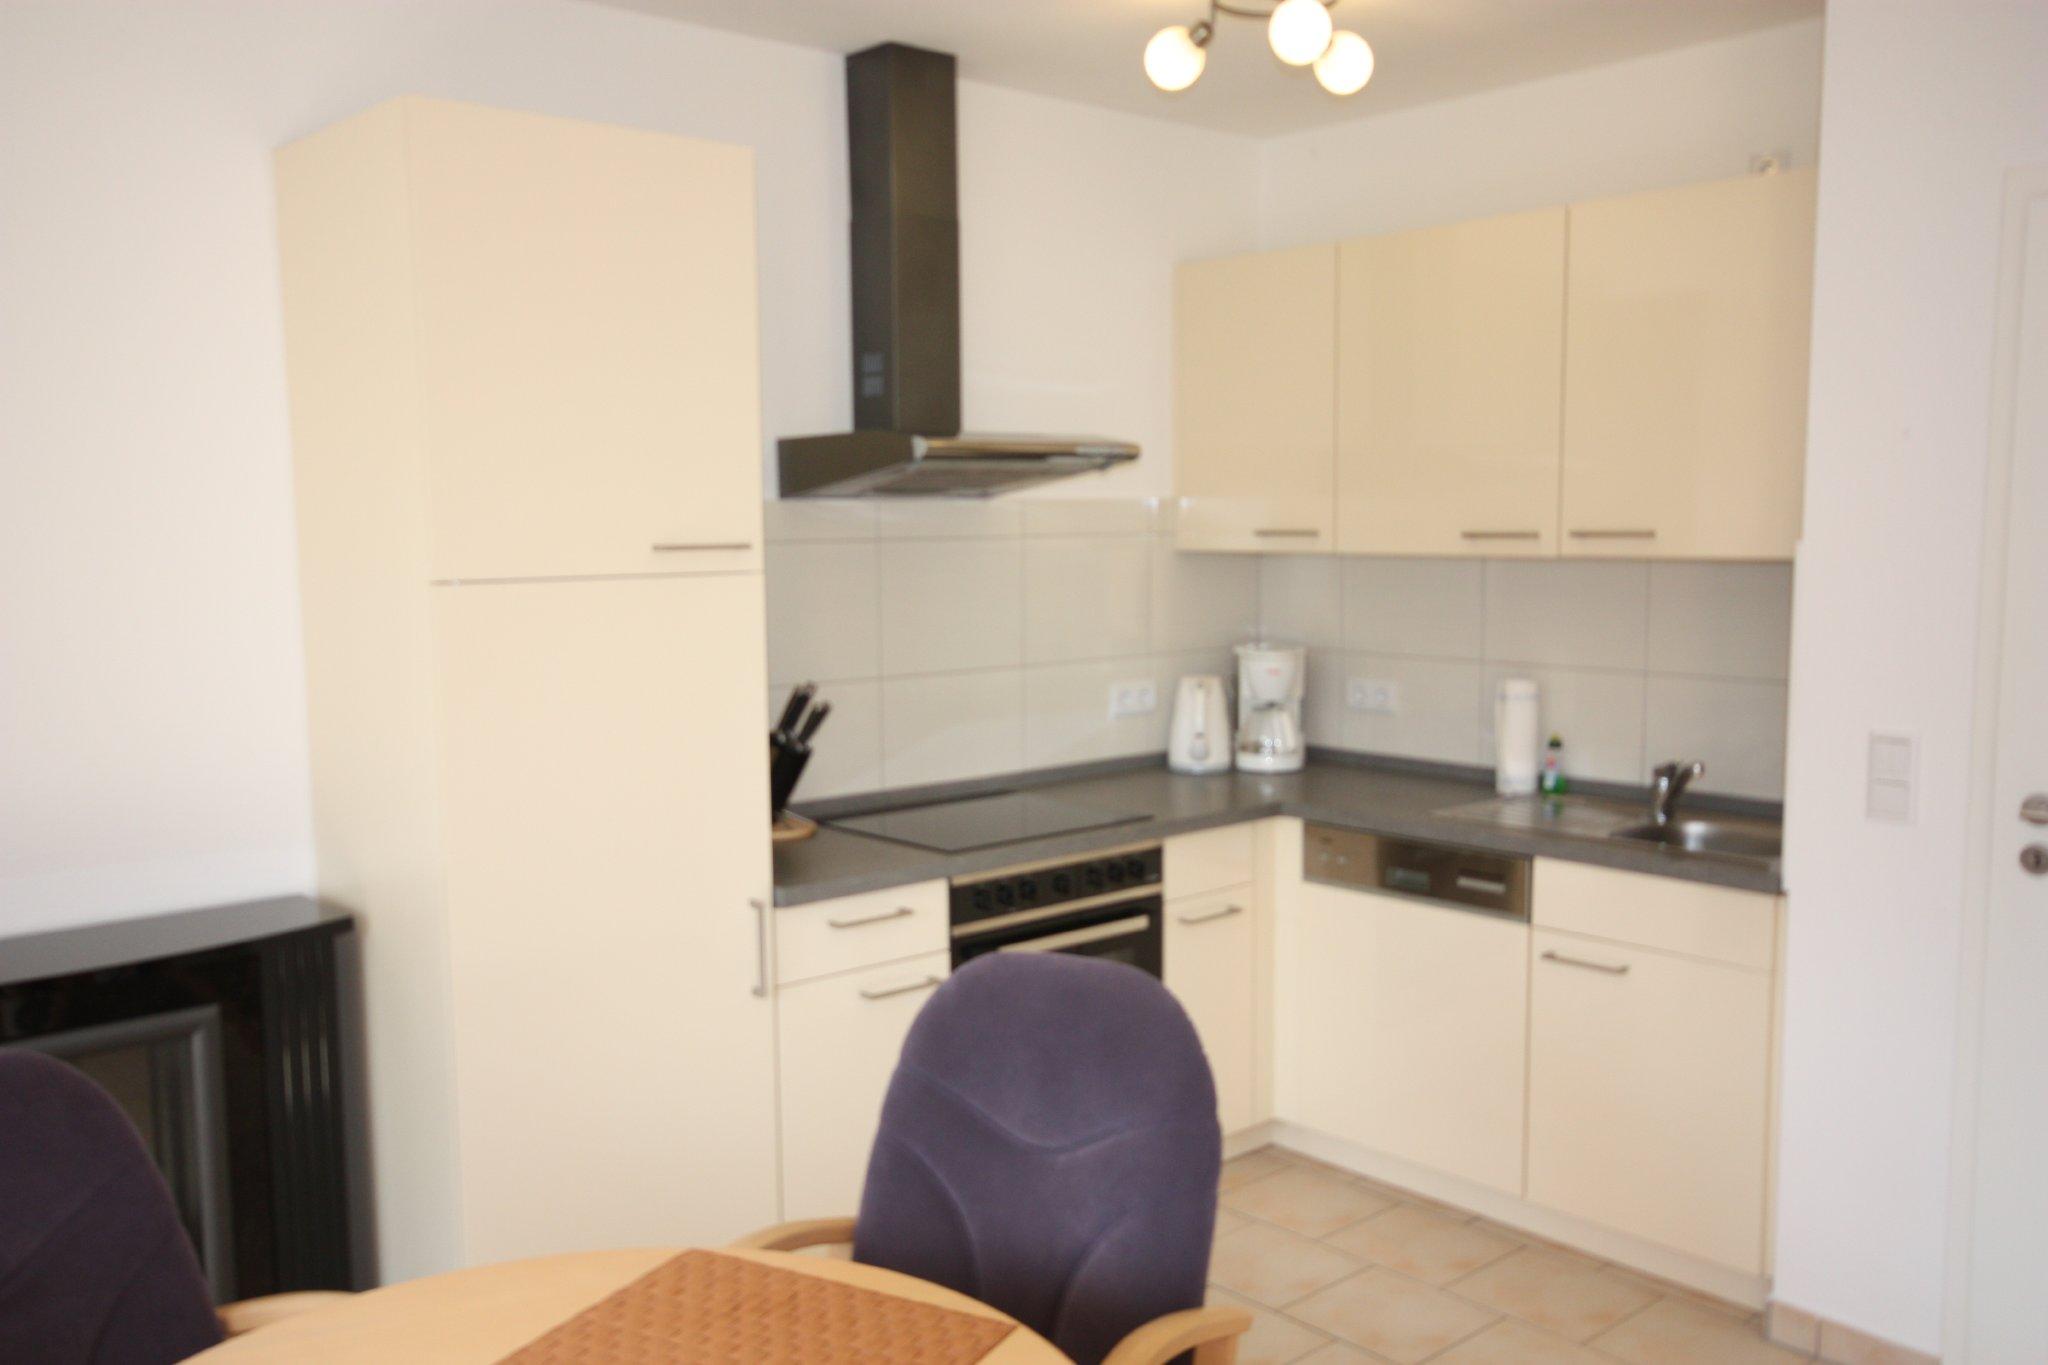 Wohnzimmer mit Einbauküche